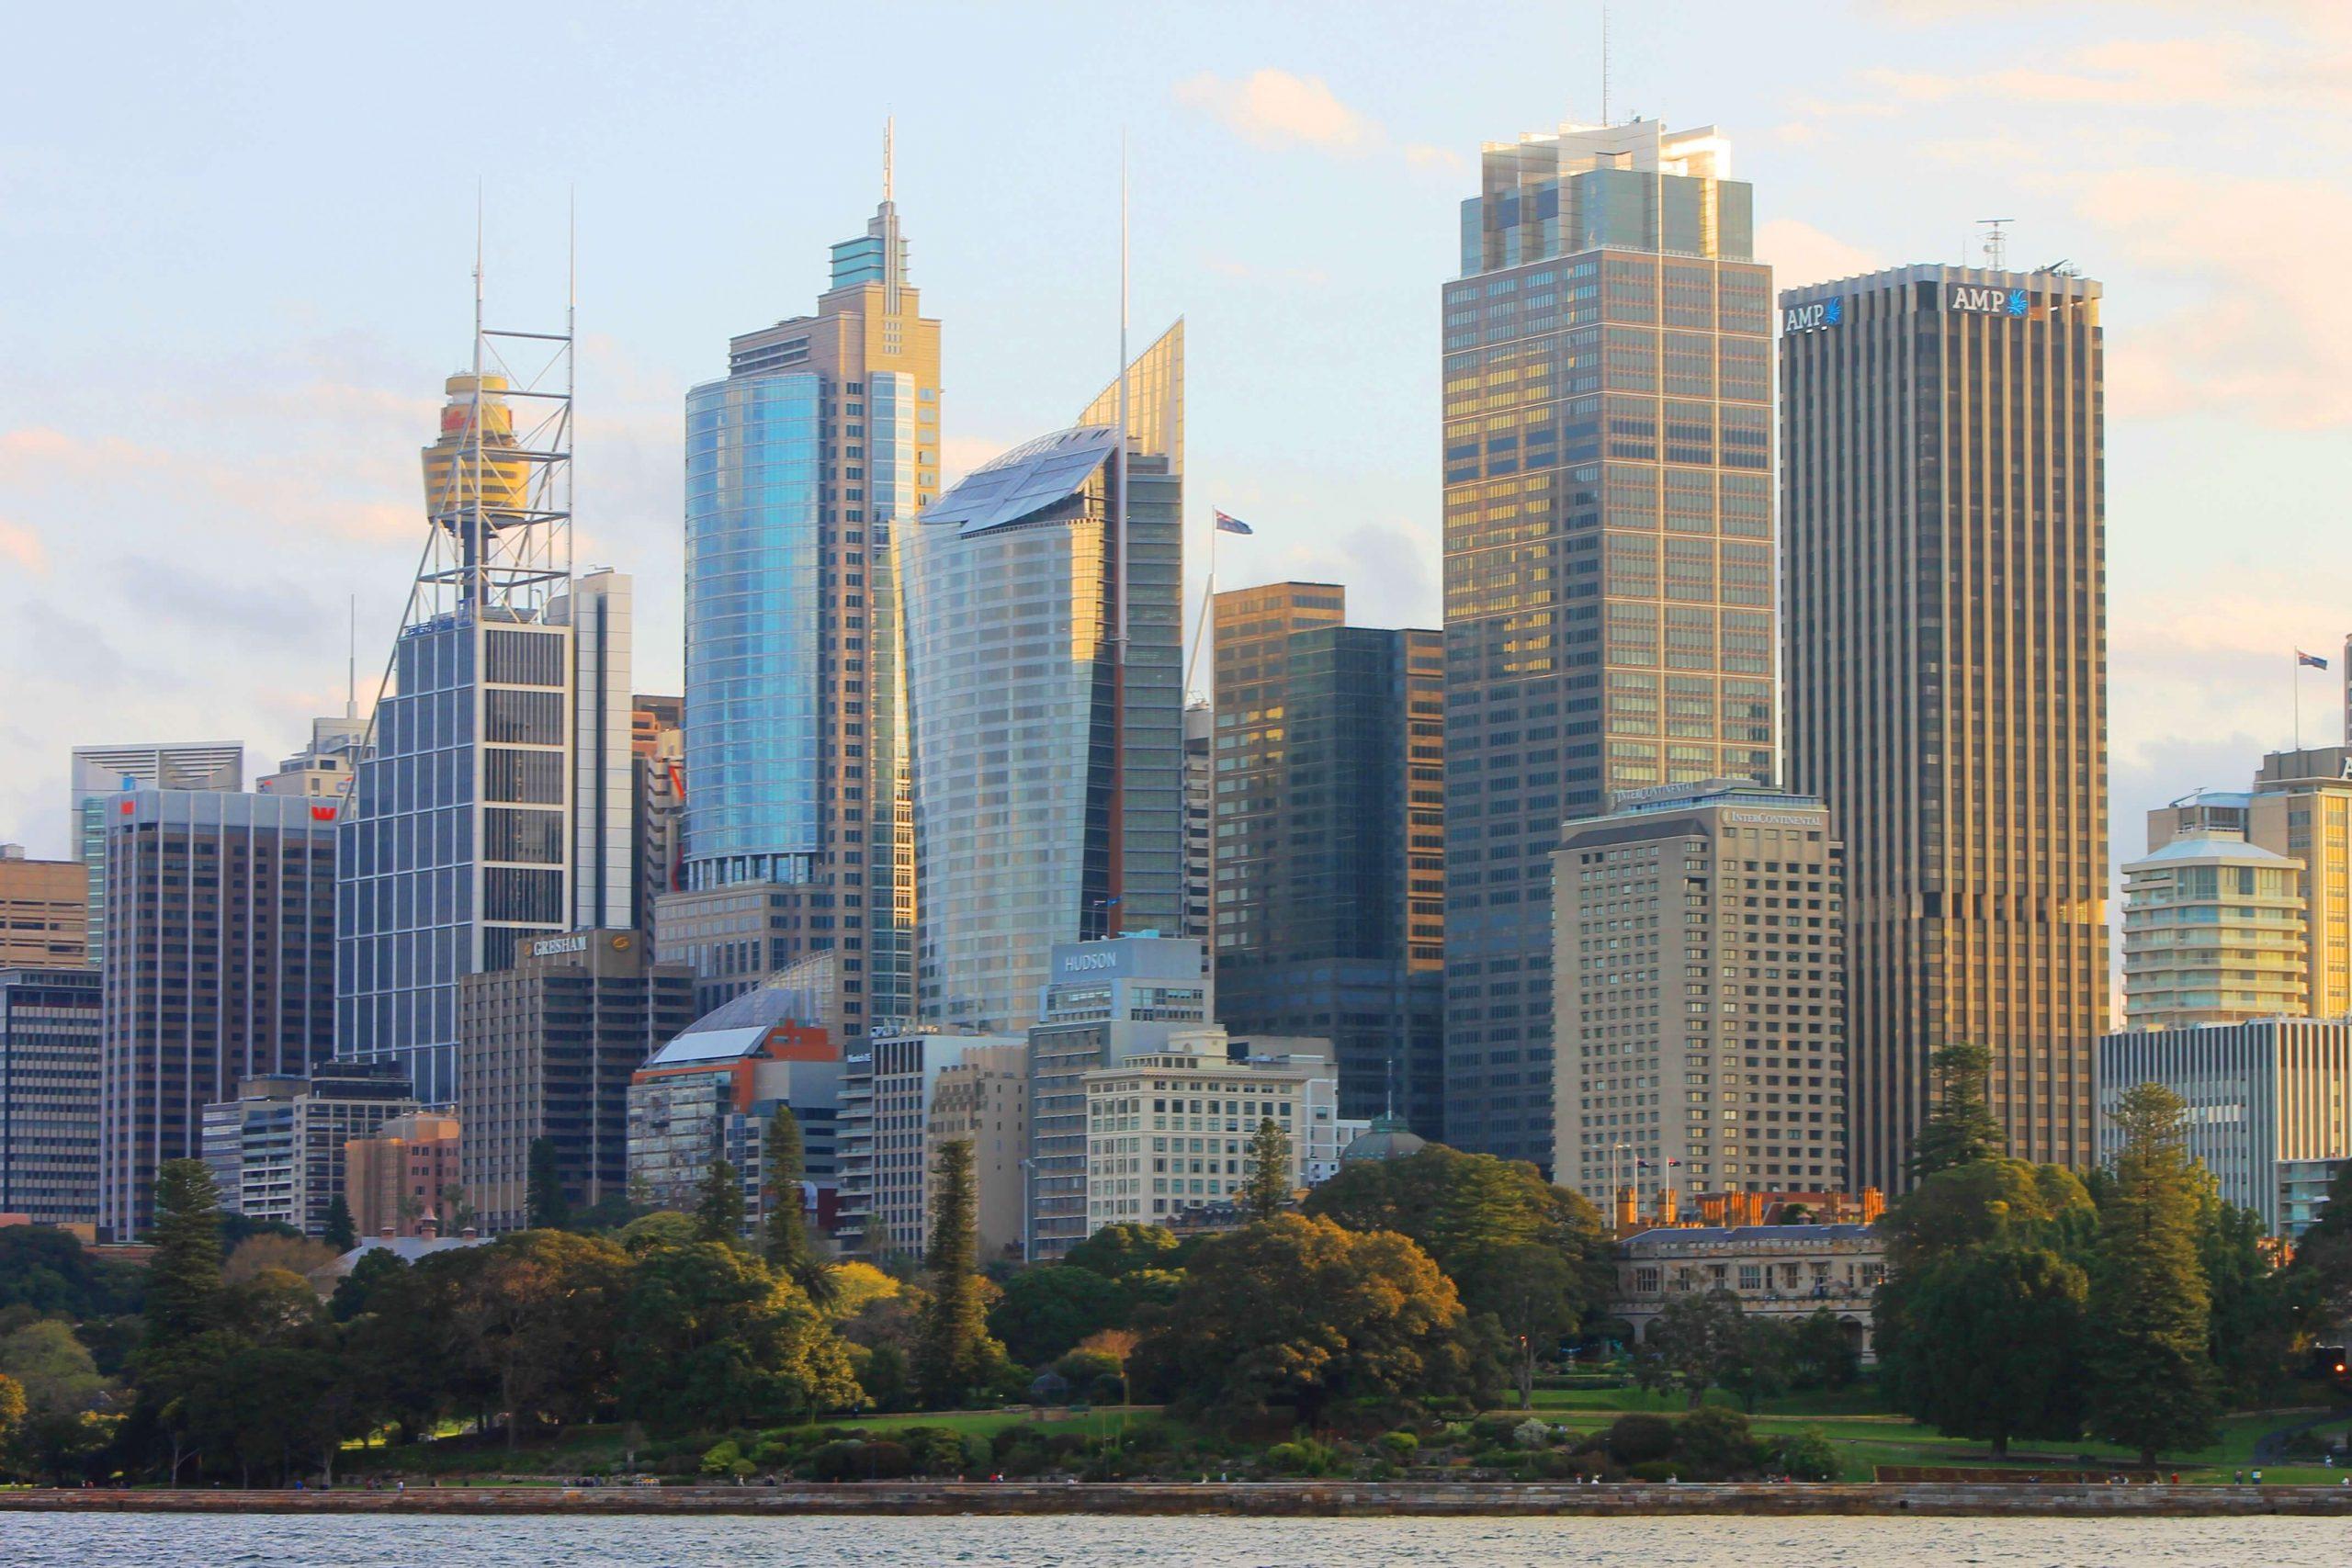 About Sydney CBD